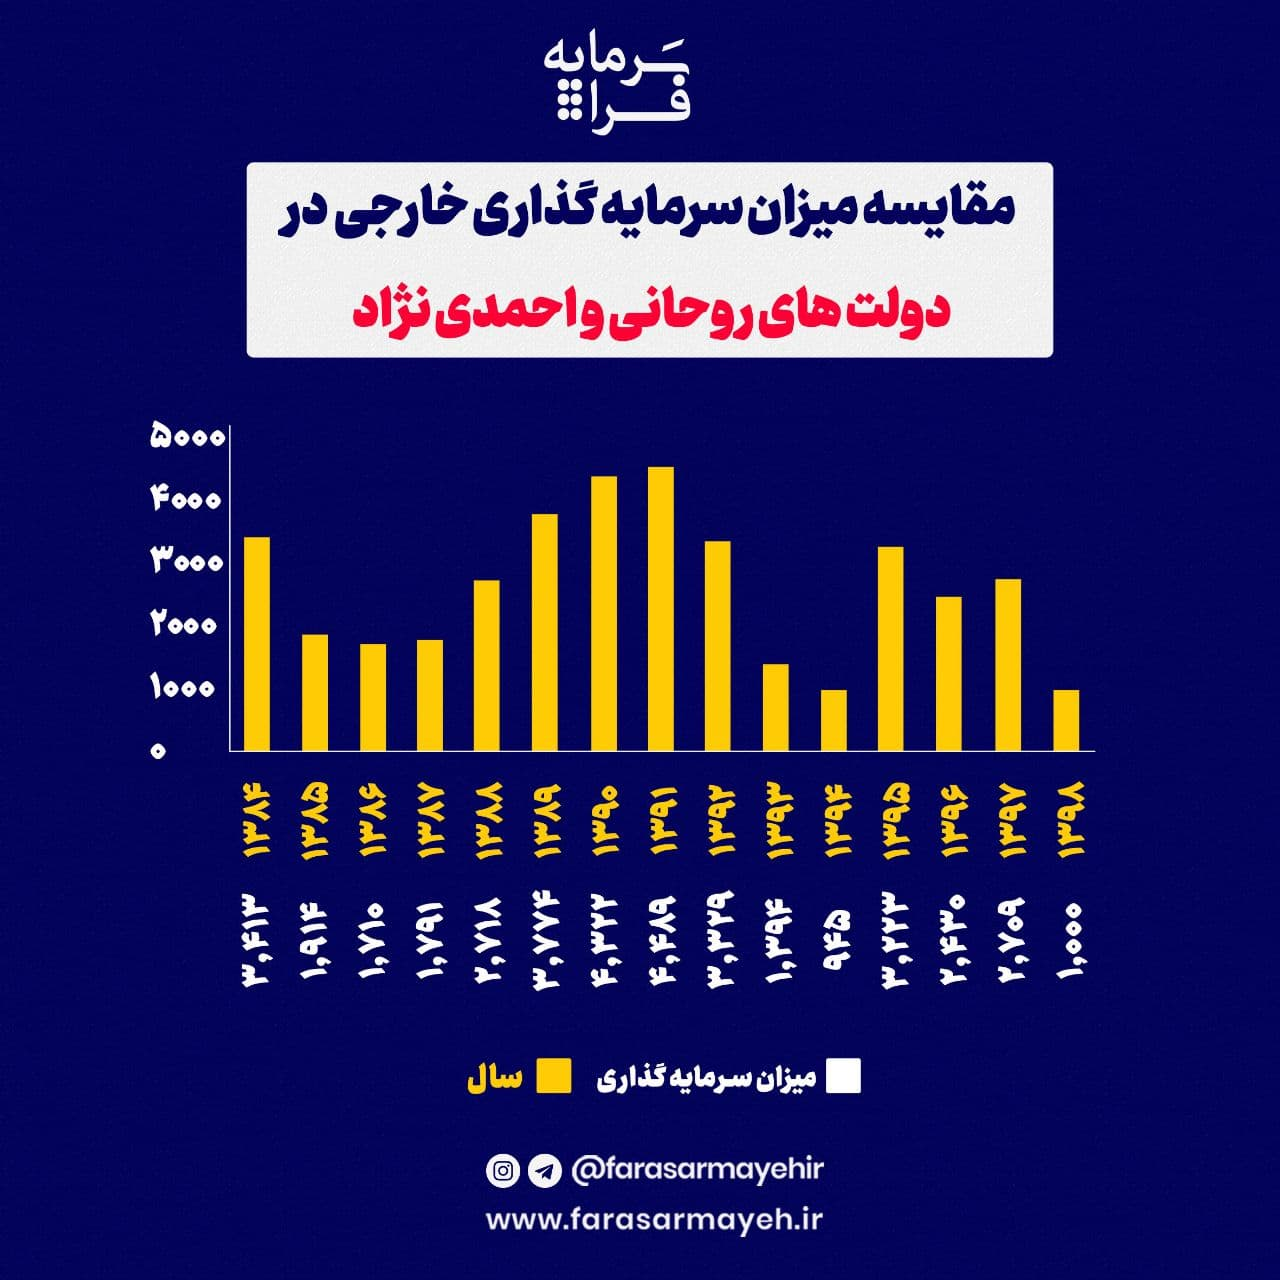 مقایسه میزان سرمایهگذاری خارجی در دولتهای روحانی و احمدینژاد